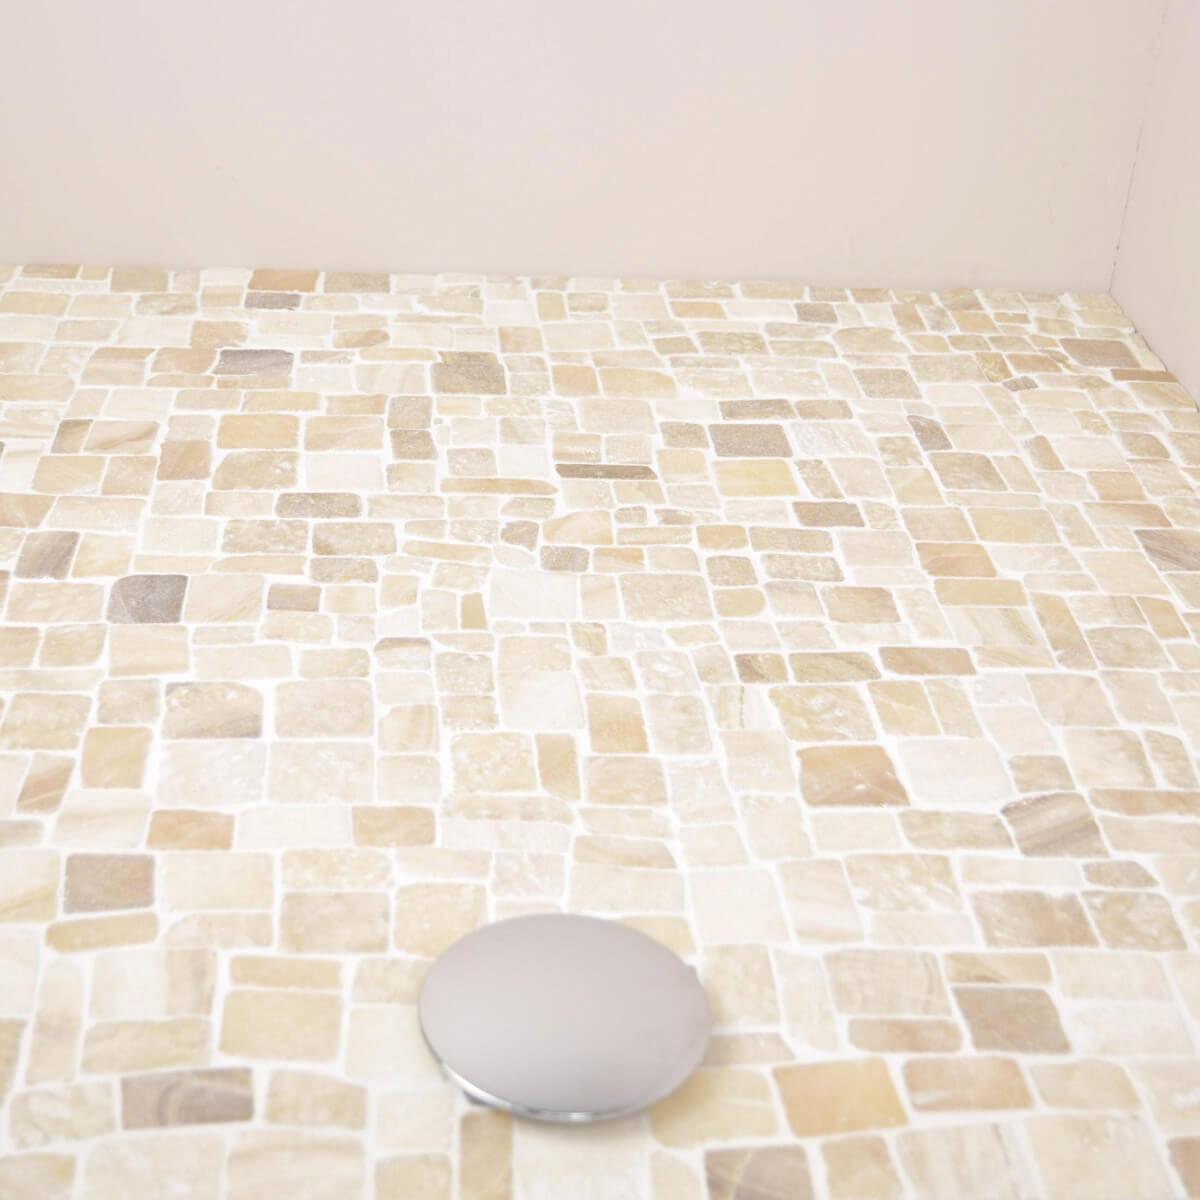 Rev tement mosa que en pierre marbre et onyx for Mosaique marbre salle de bain